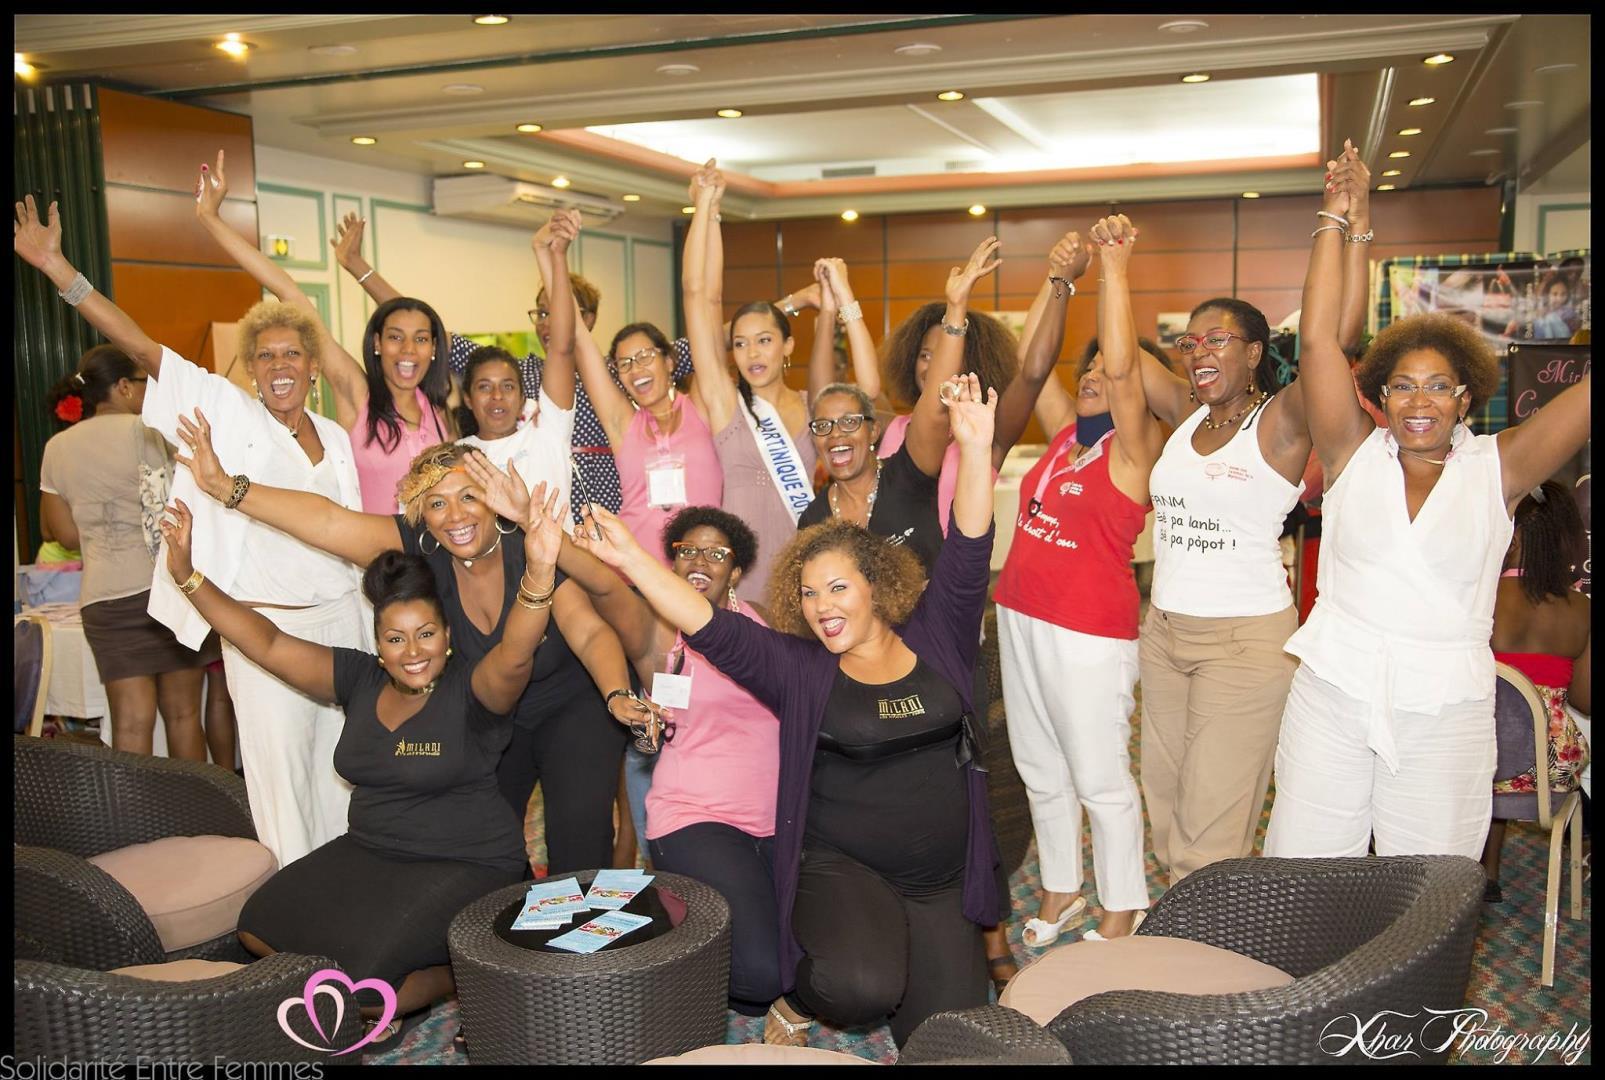 Femmes de Cœur, Femmes d'Action ! REJOIGNEZ-NOUS pour la Beauté pour tous !! - solidarité entre femmes